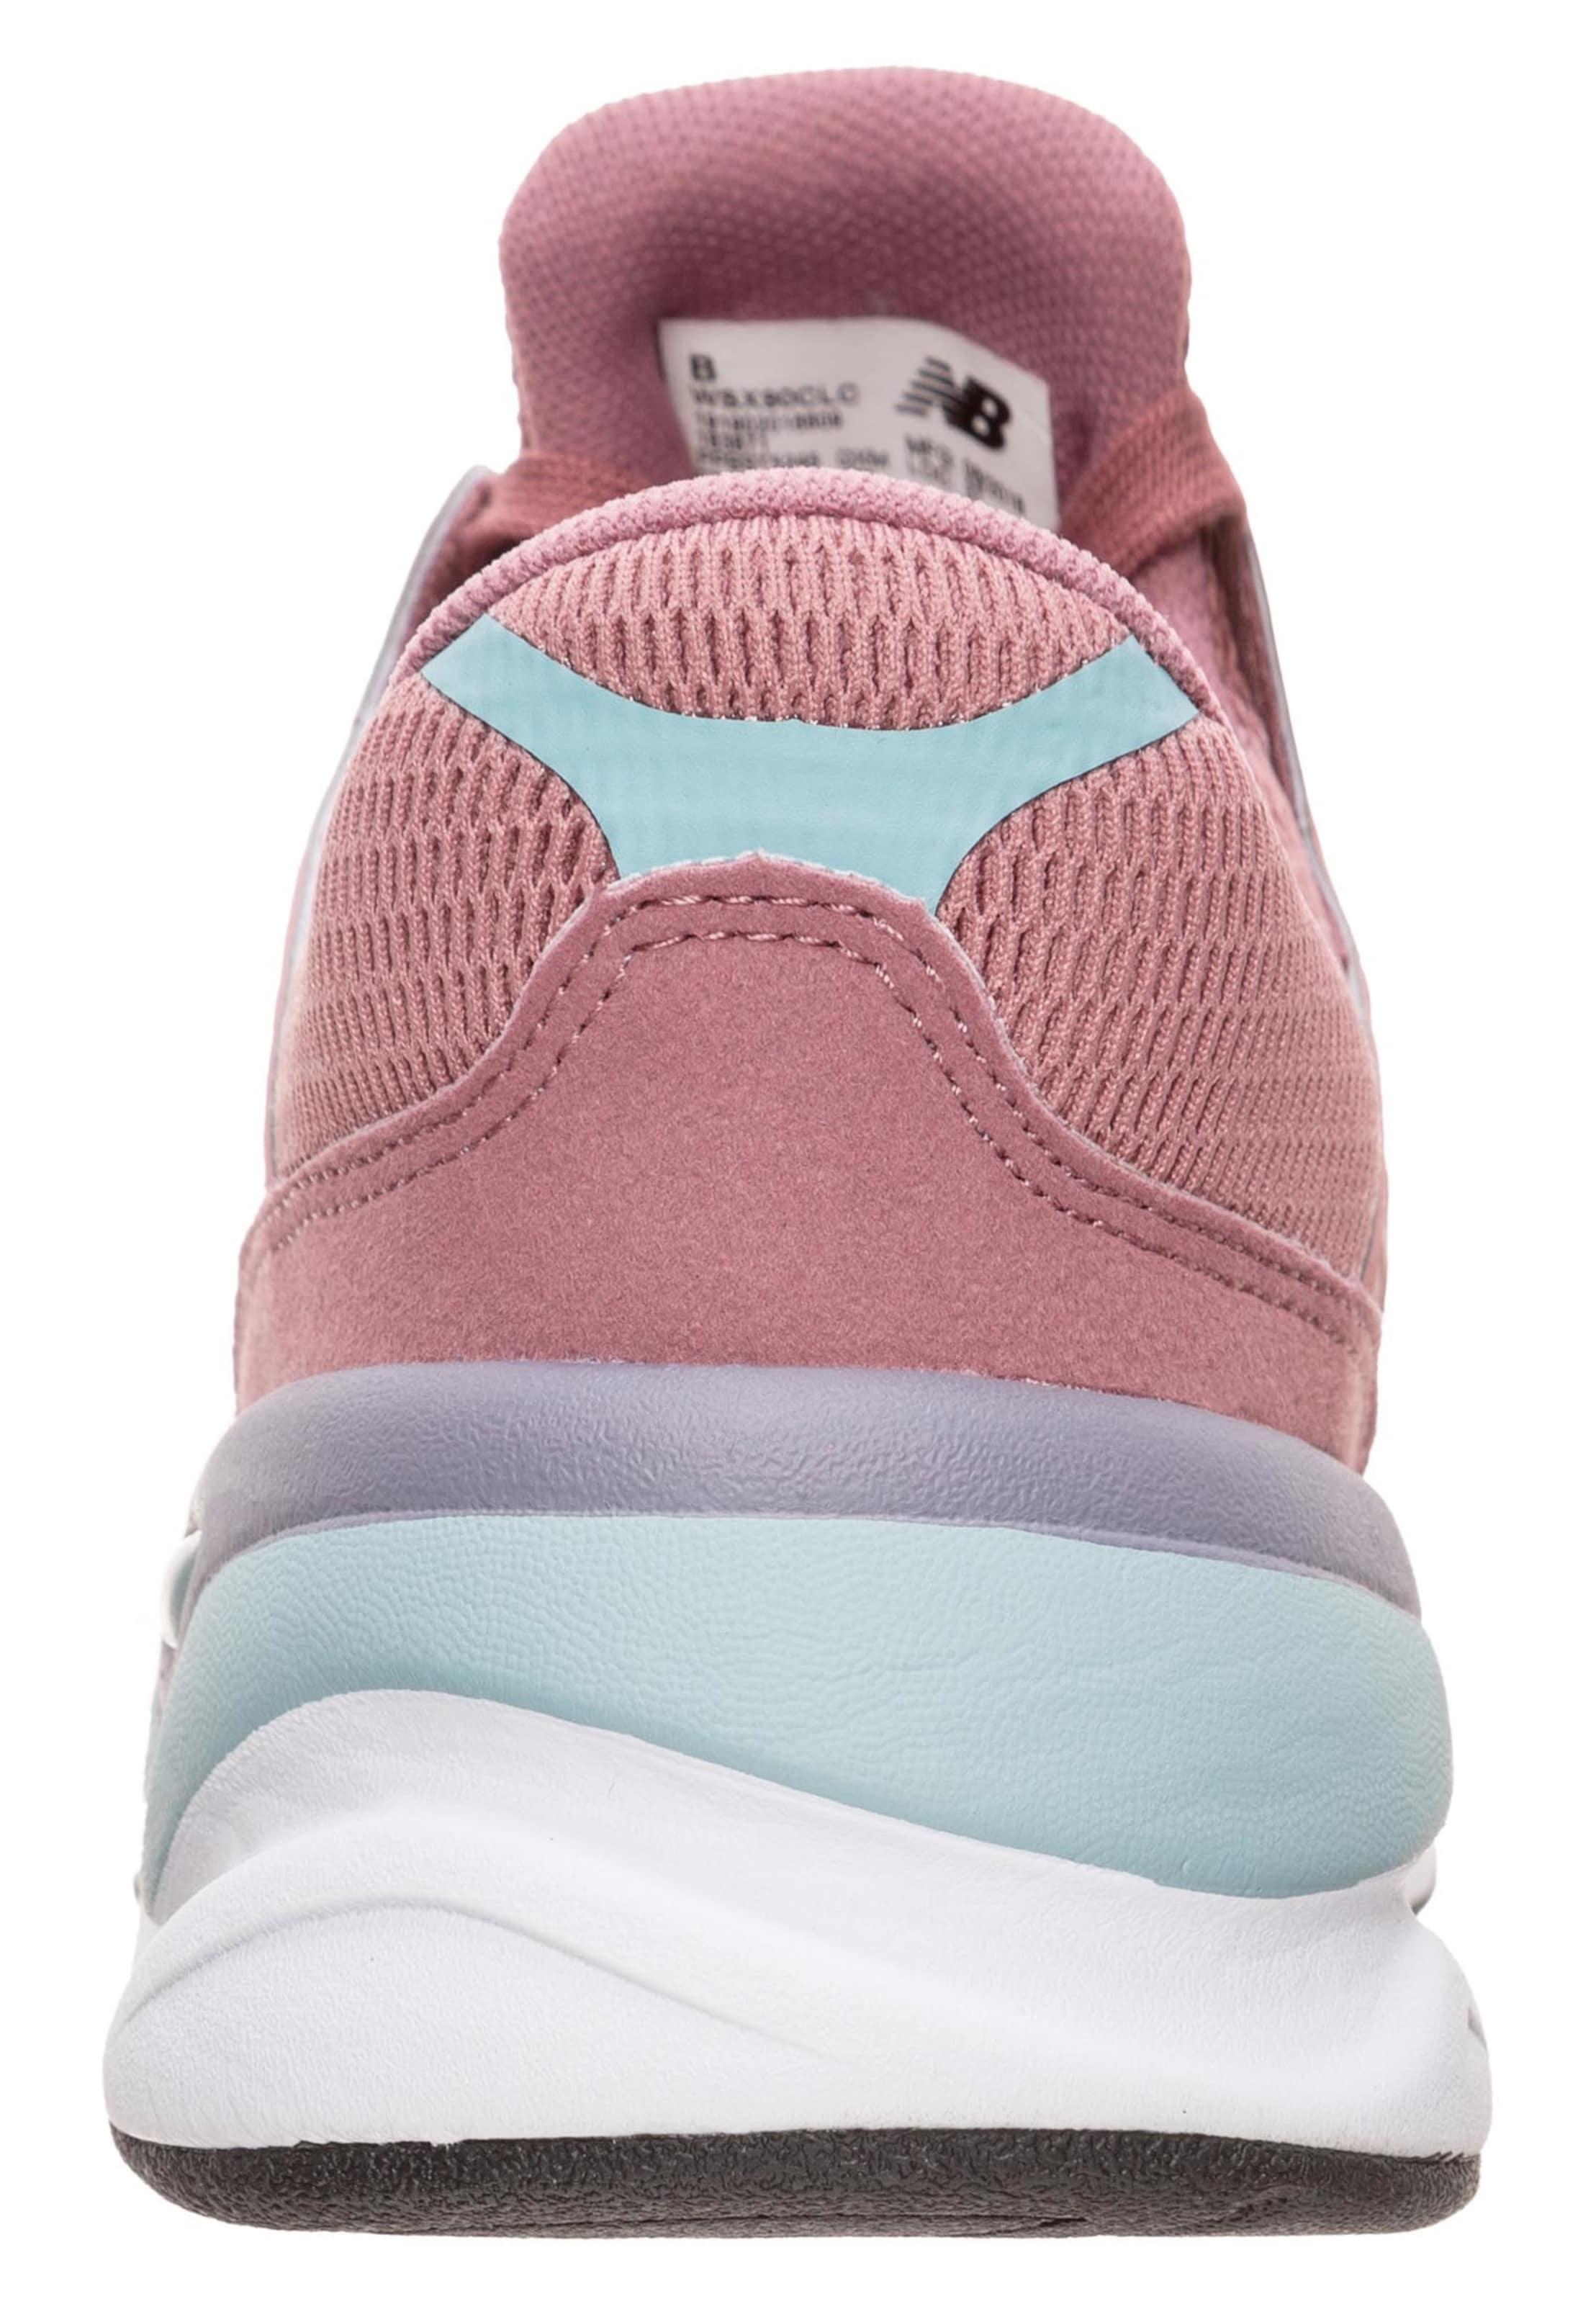 clc New Balance Sneaker 'wsx90 Pink In b' 3AL5j4R